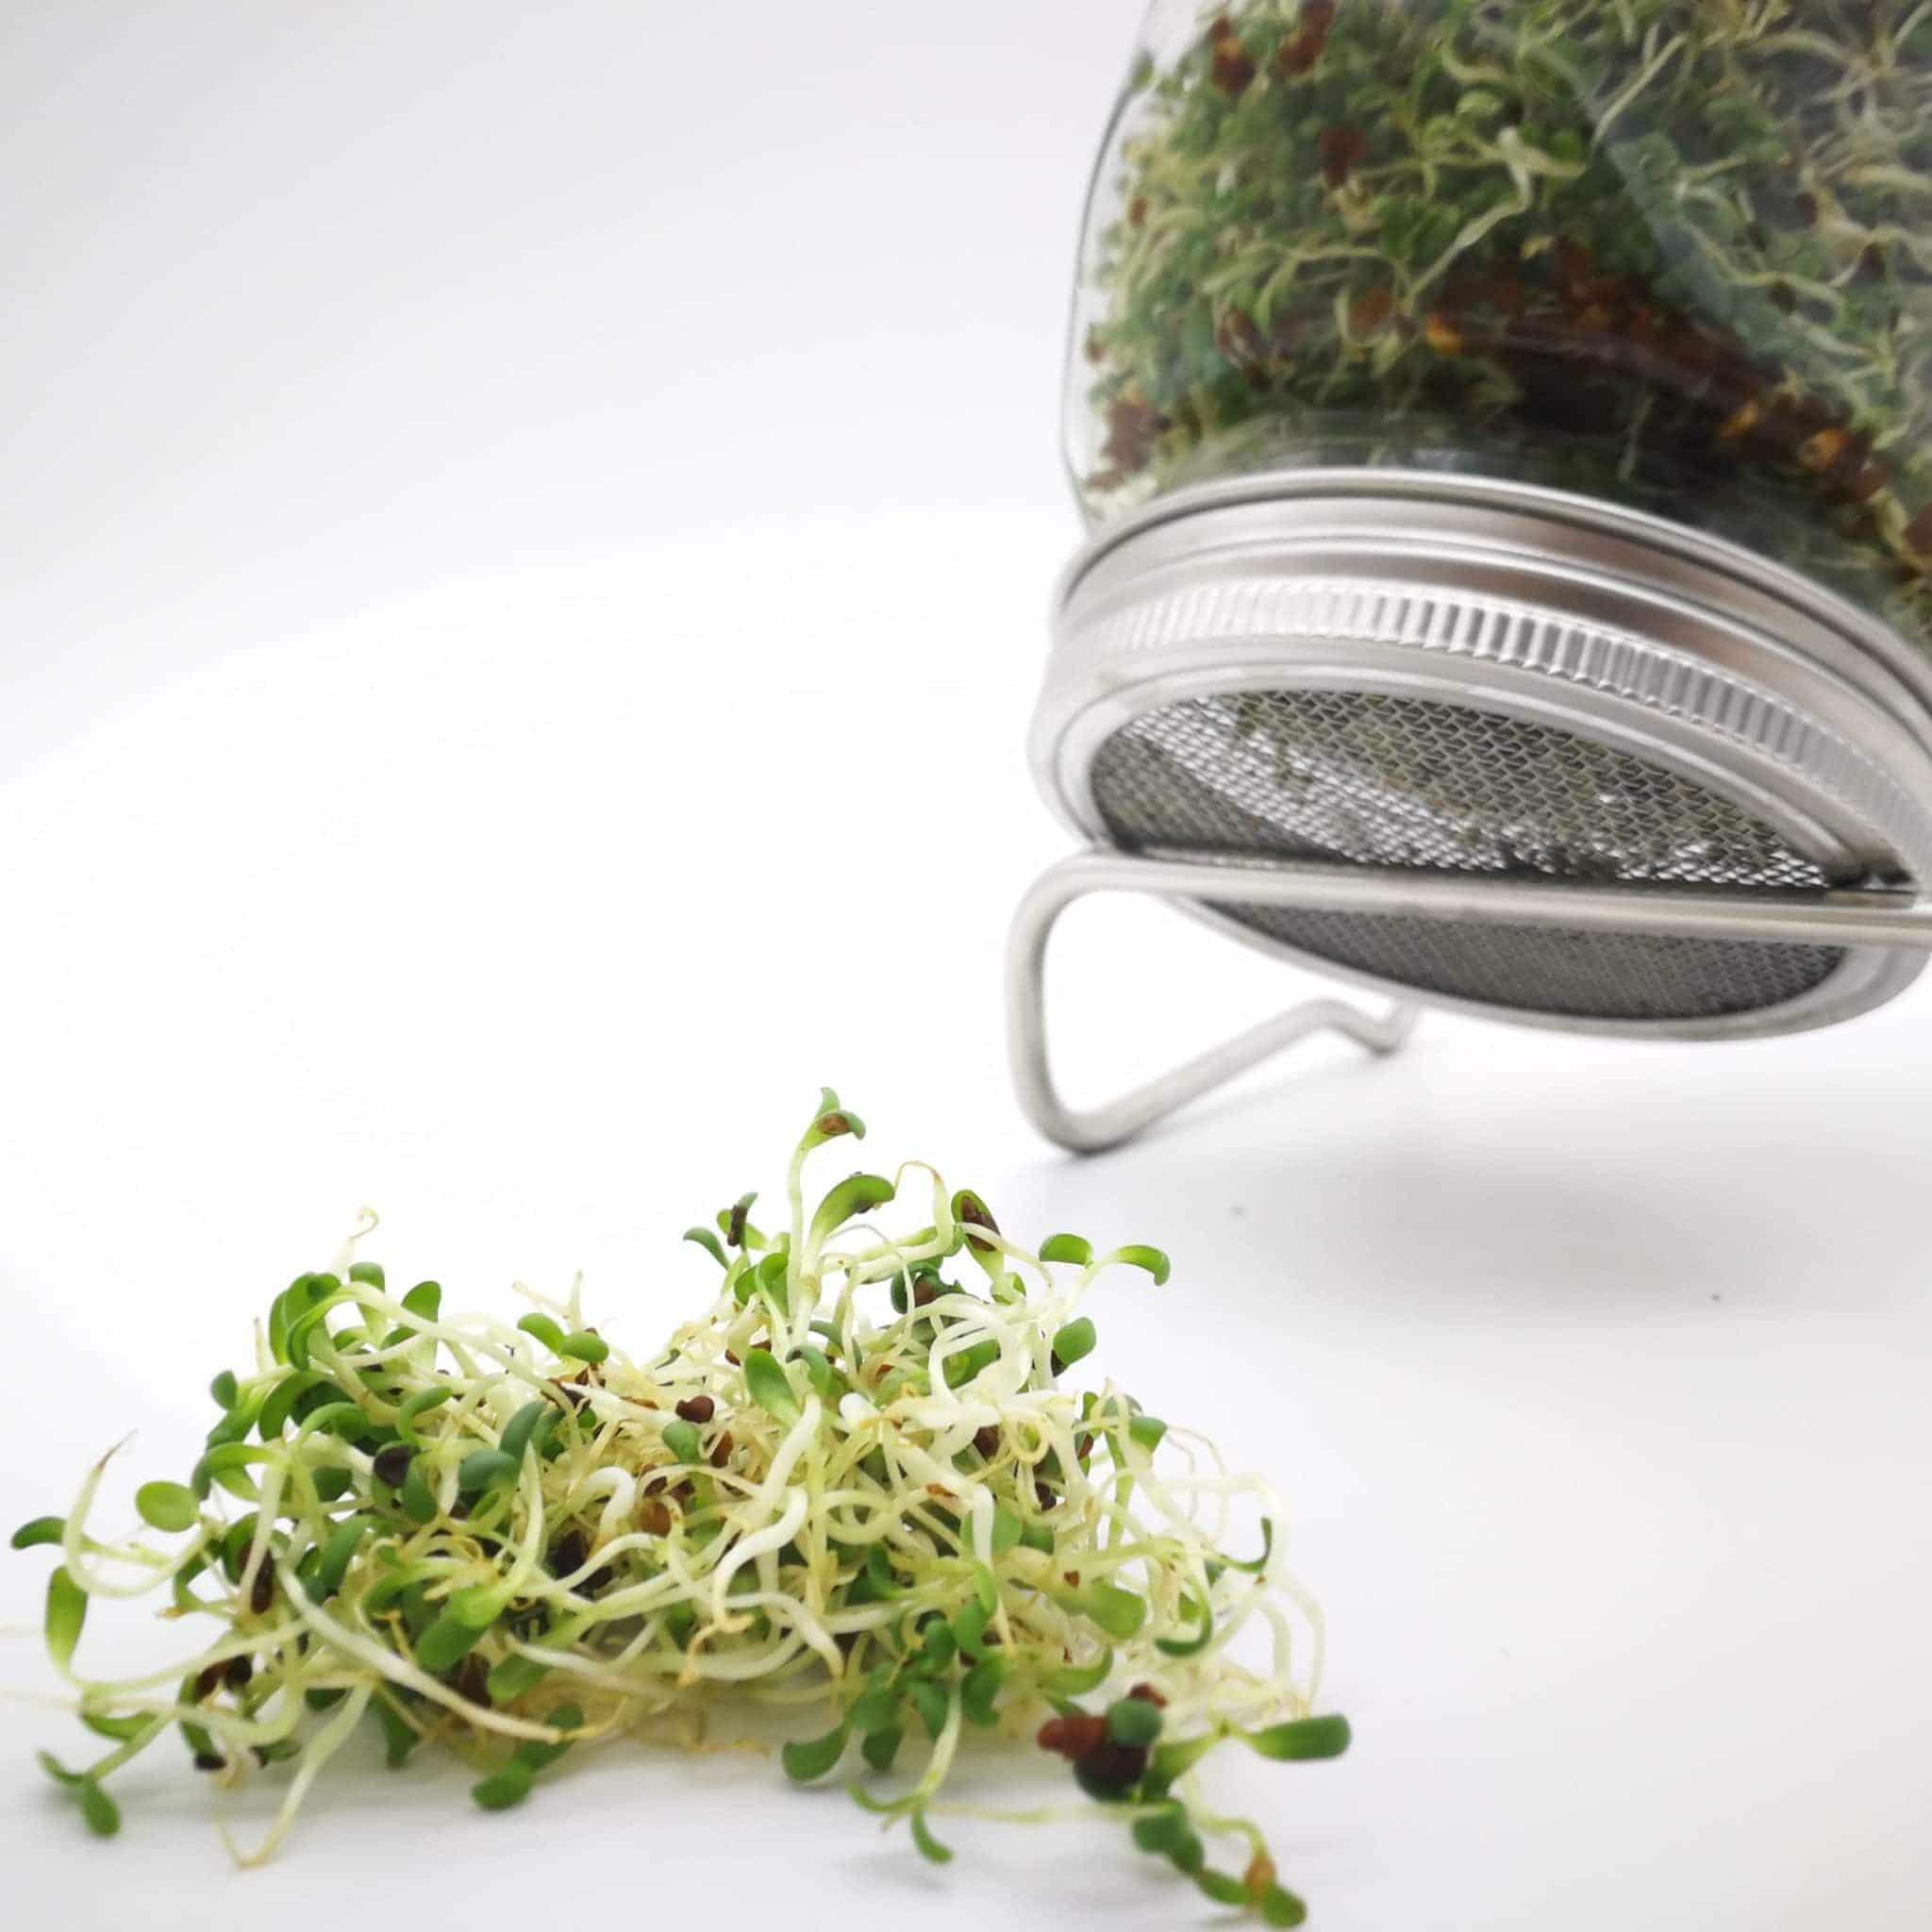 Bio-Sprossen Alfalfa angebaut im Sprossenglas